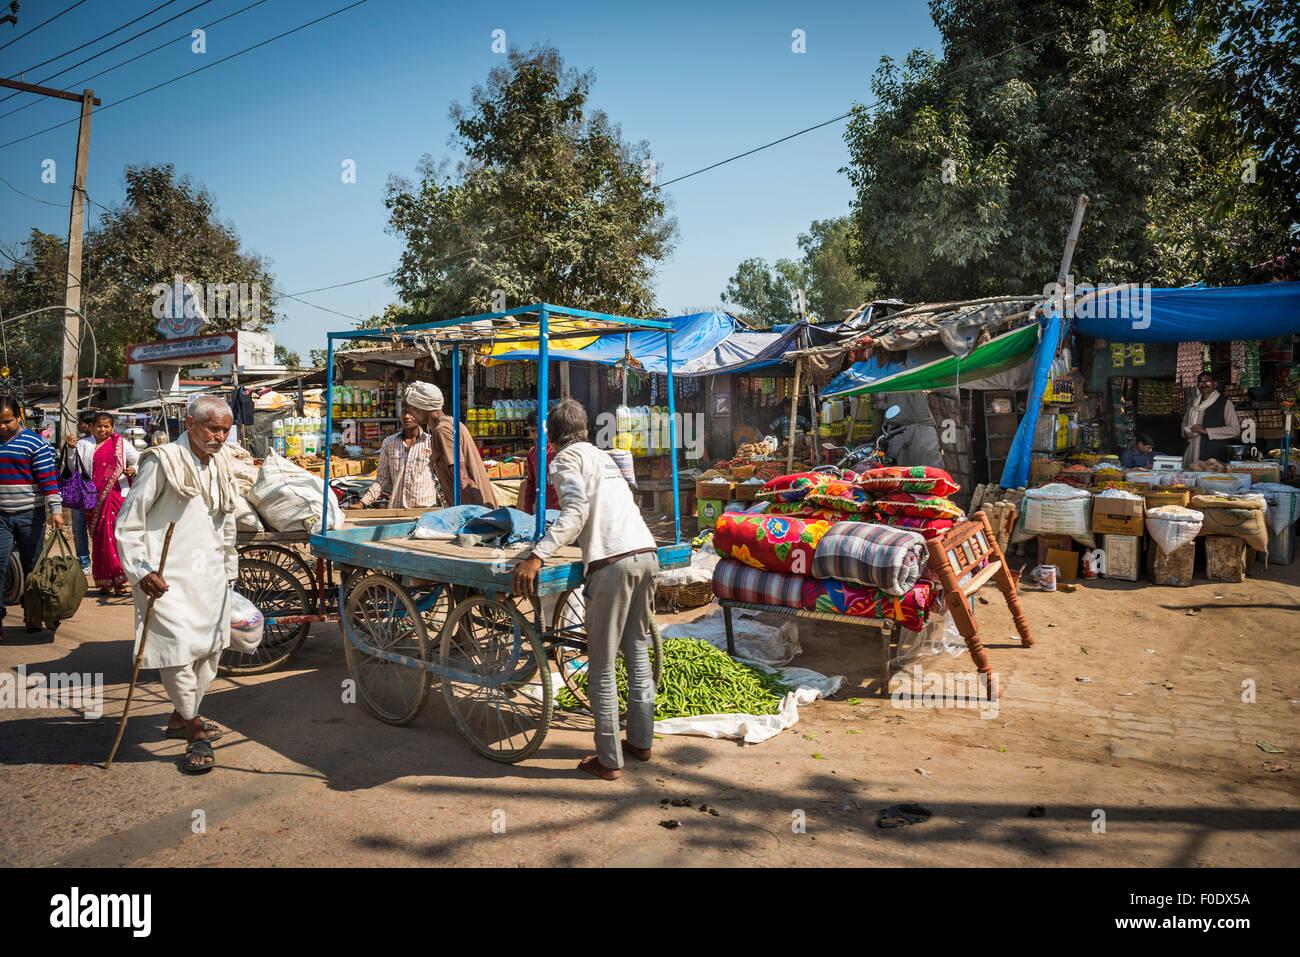 La vita quotidiana in una piccola città in India Immagini Stock